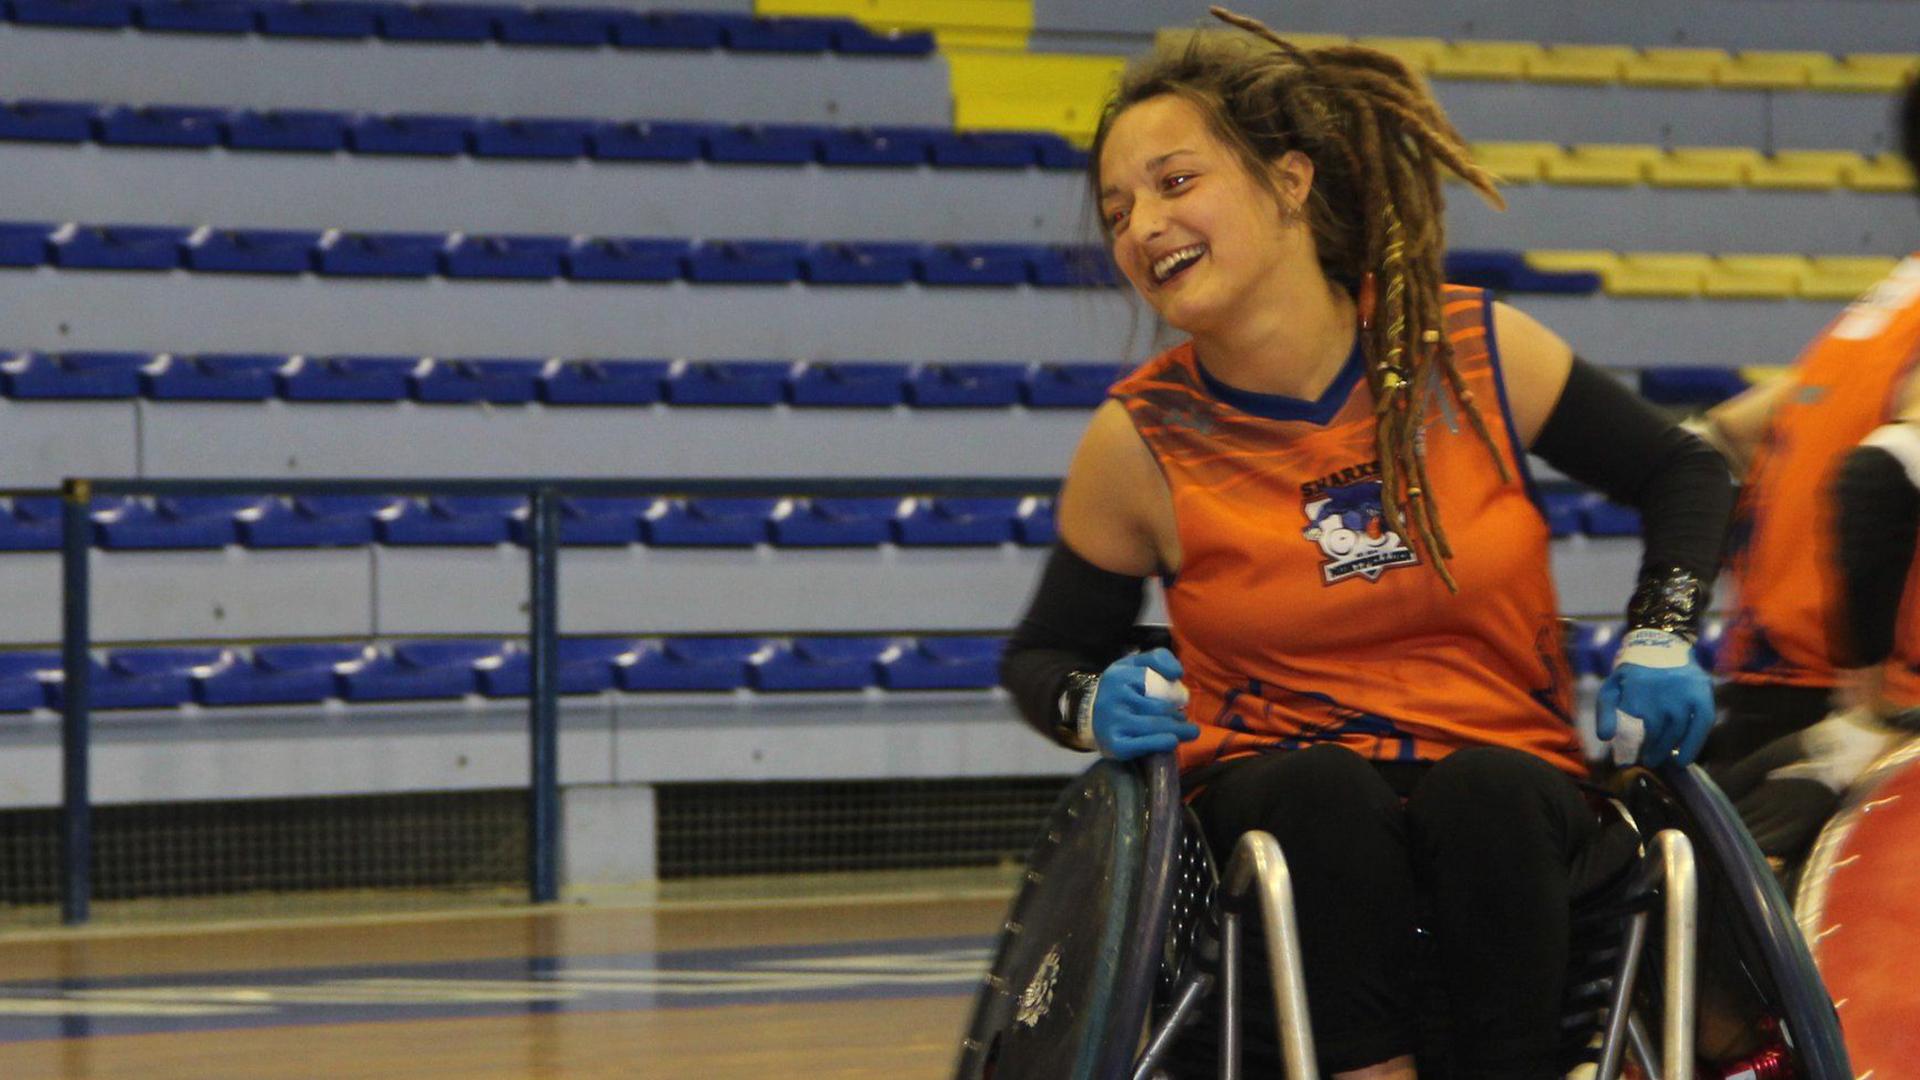 Camille Kerneguez, tantôt débout, tantôt en fauteuil